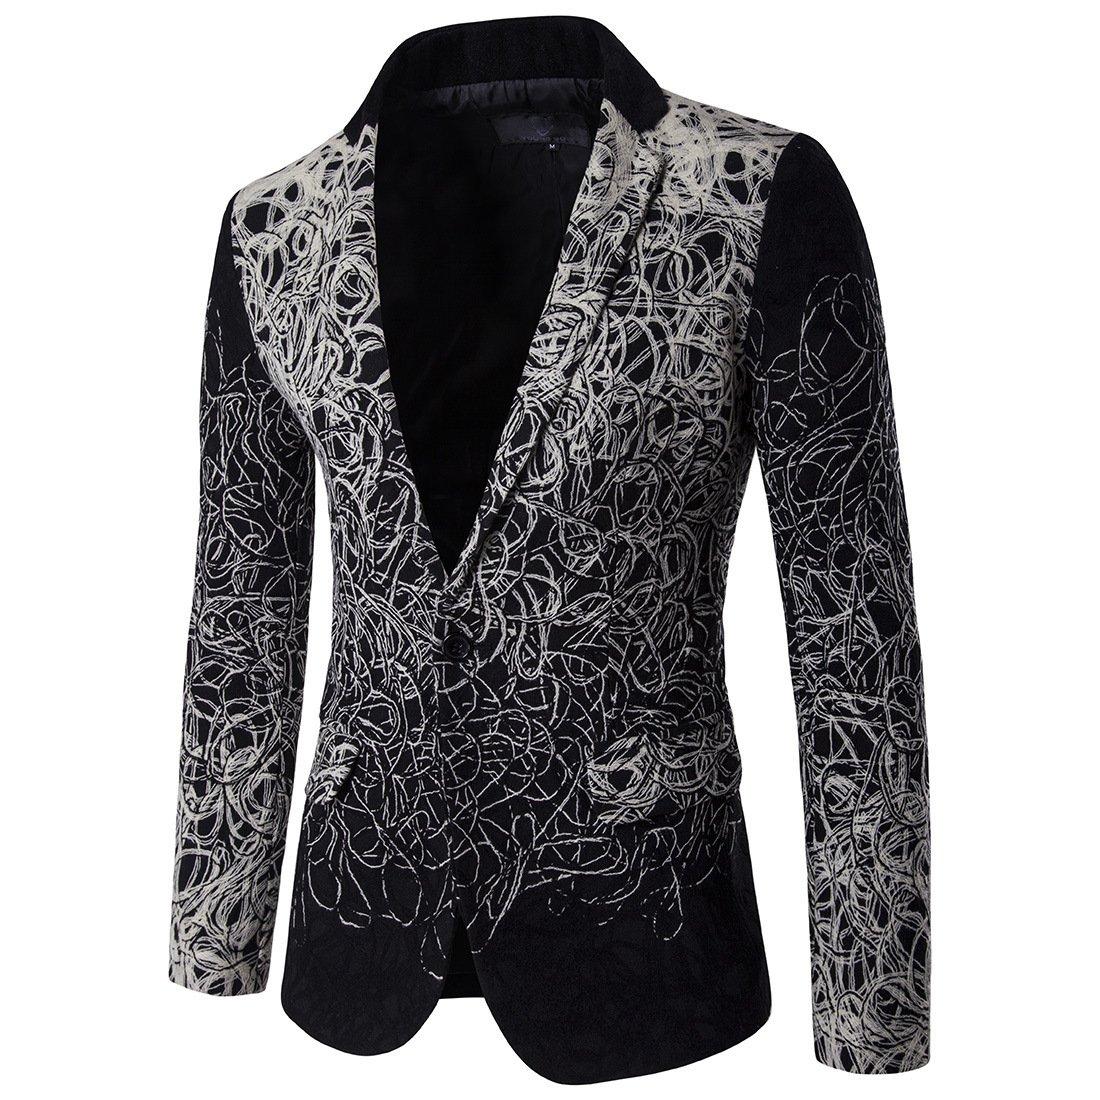 Anzug für männer, wie für die männer, die Blume für Amerikaner, schmalen Kragen für Mich, anzugträger,schwarz,XXXXL